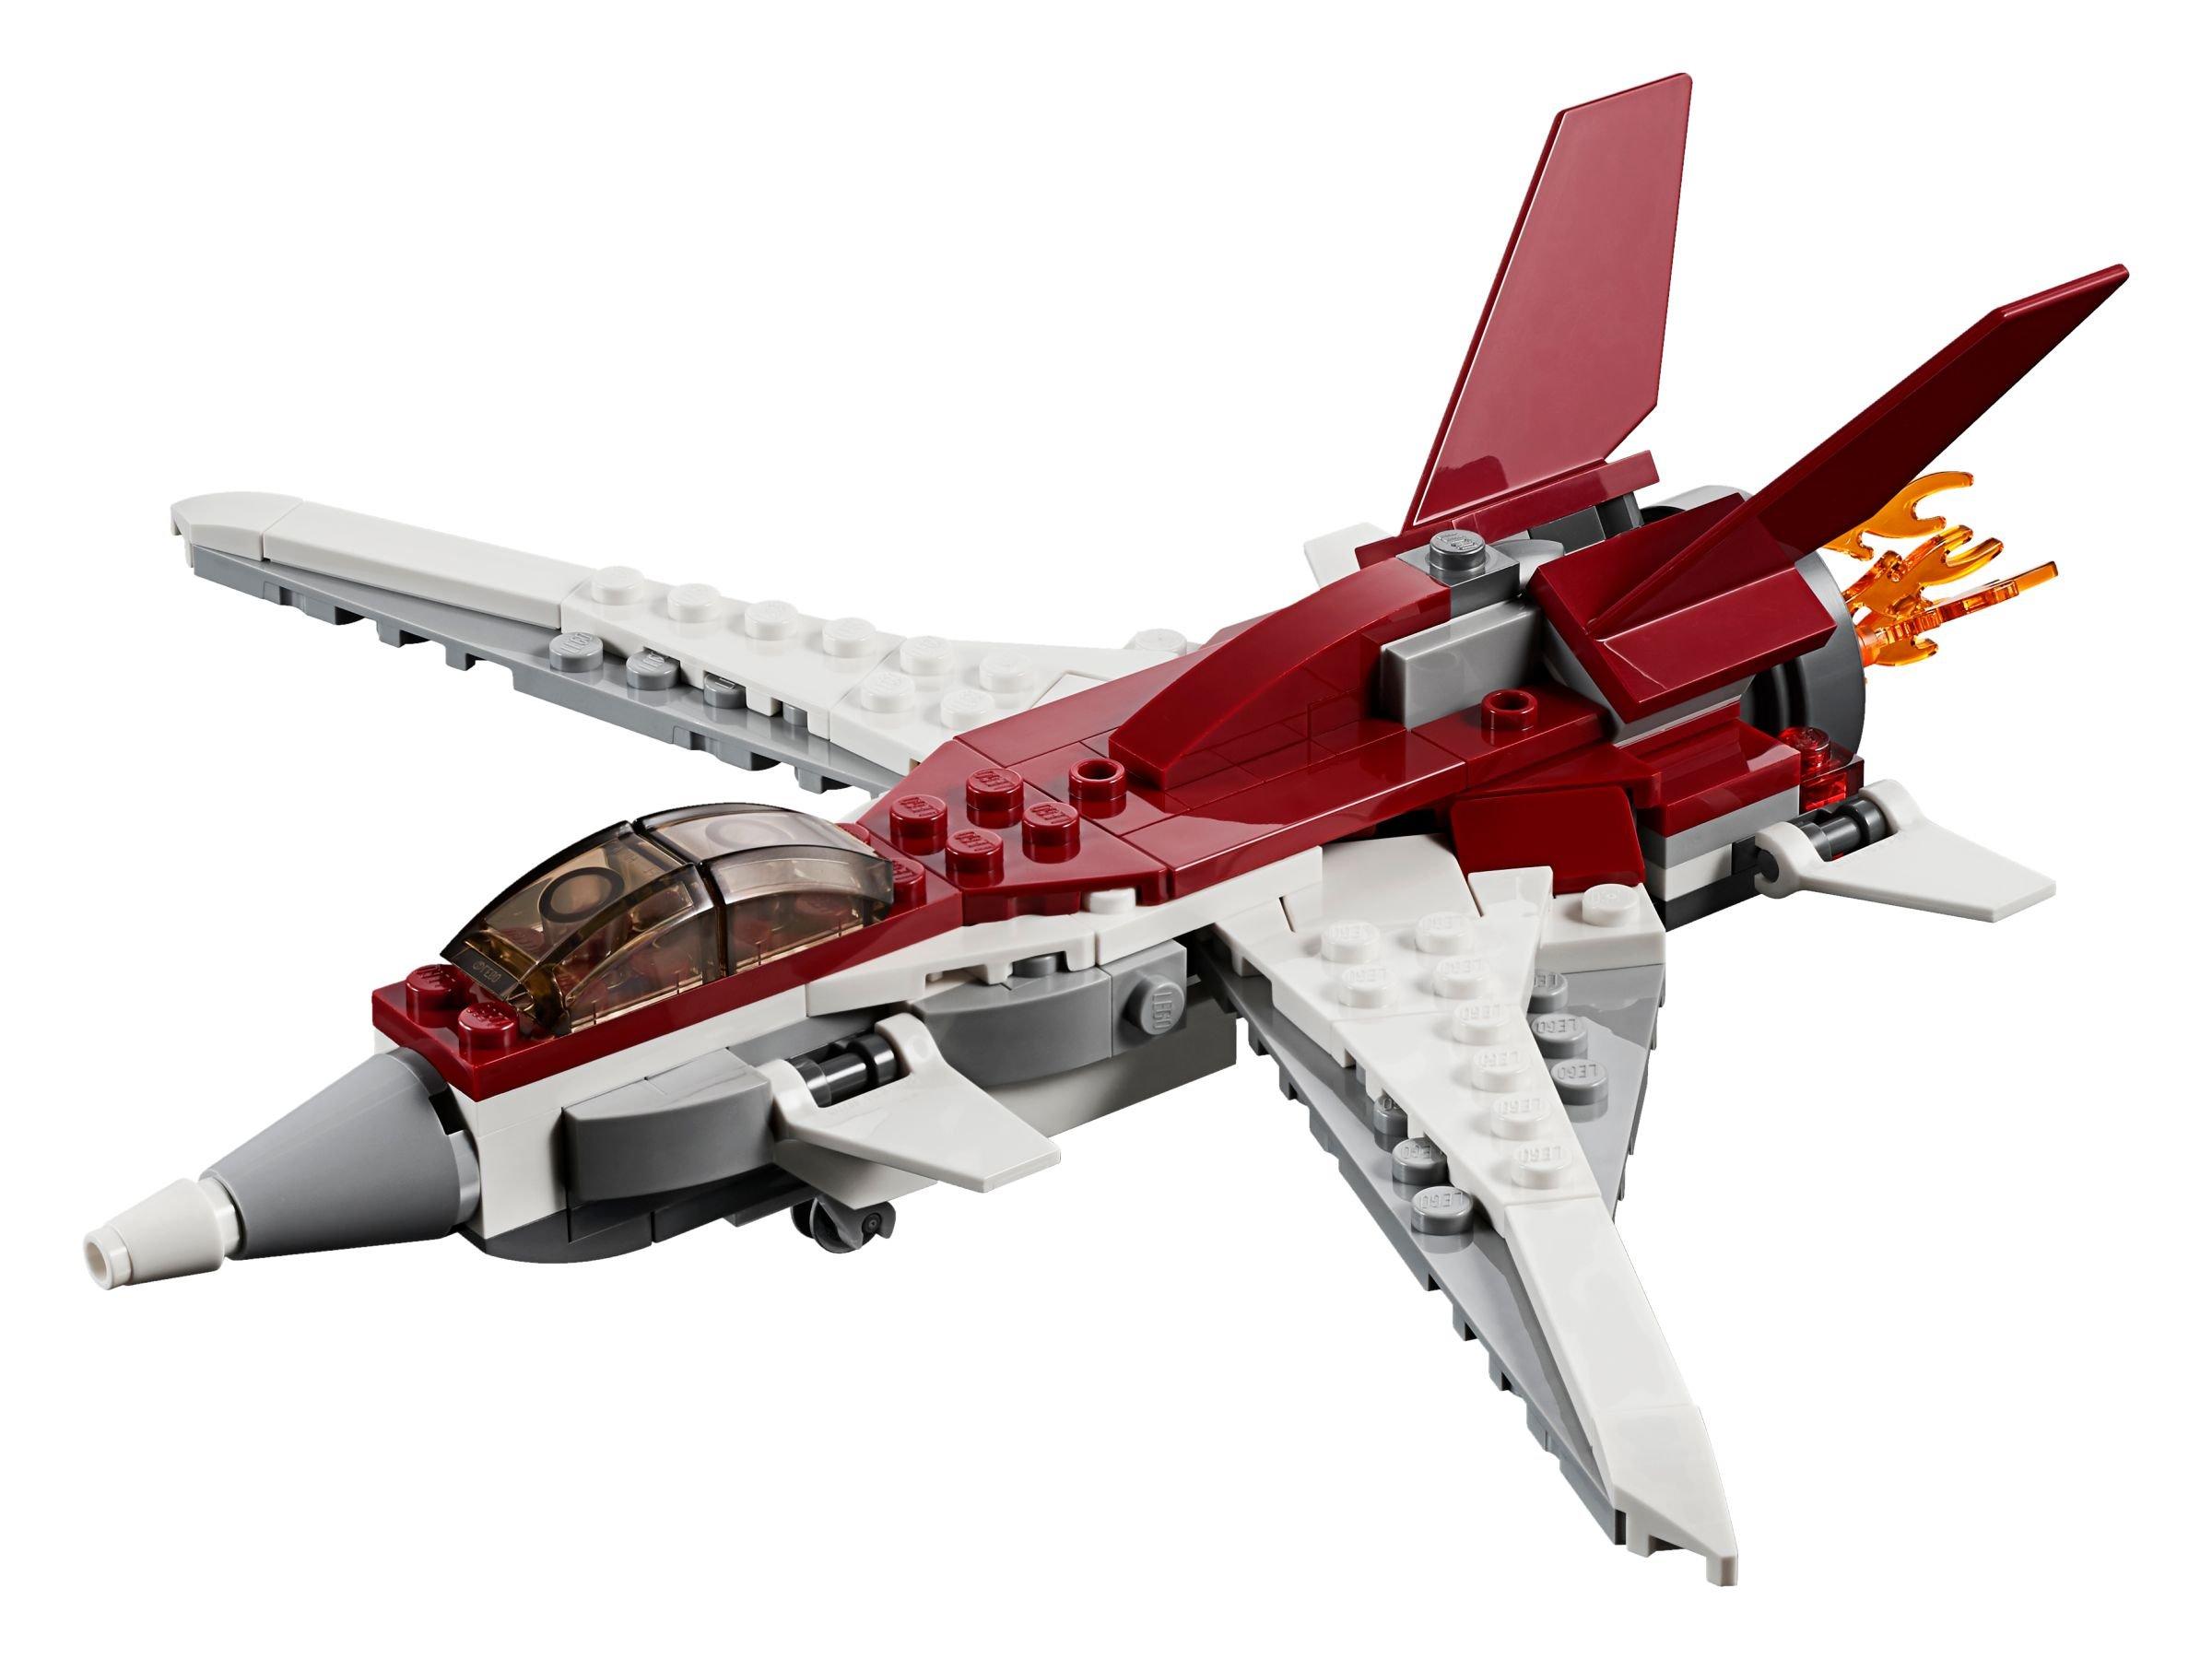 Lego Creator 31086 Flugzeug Der Zukunft Ab 1017 32 Gespart